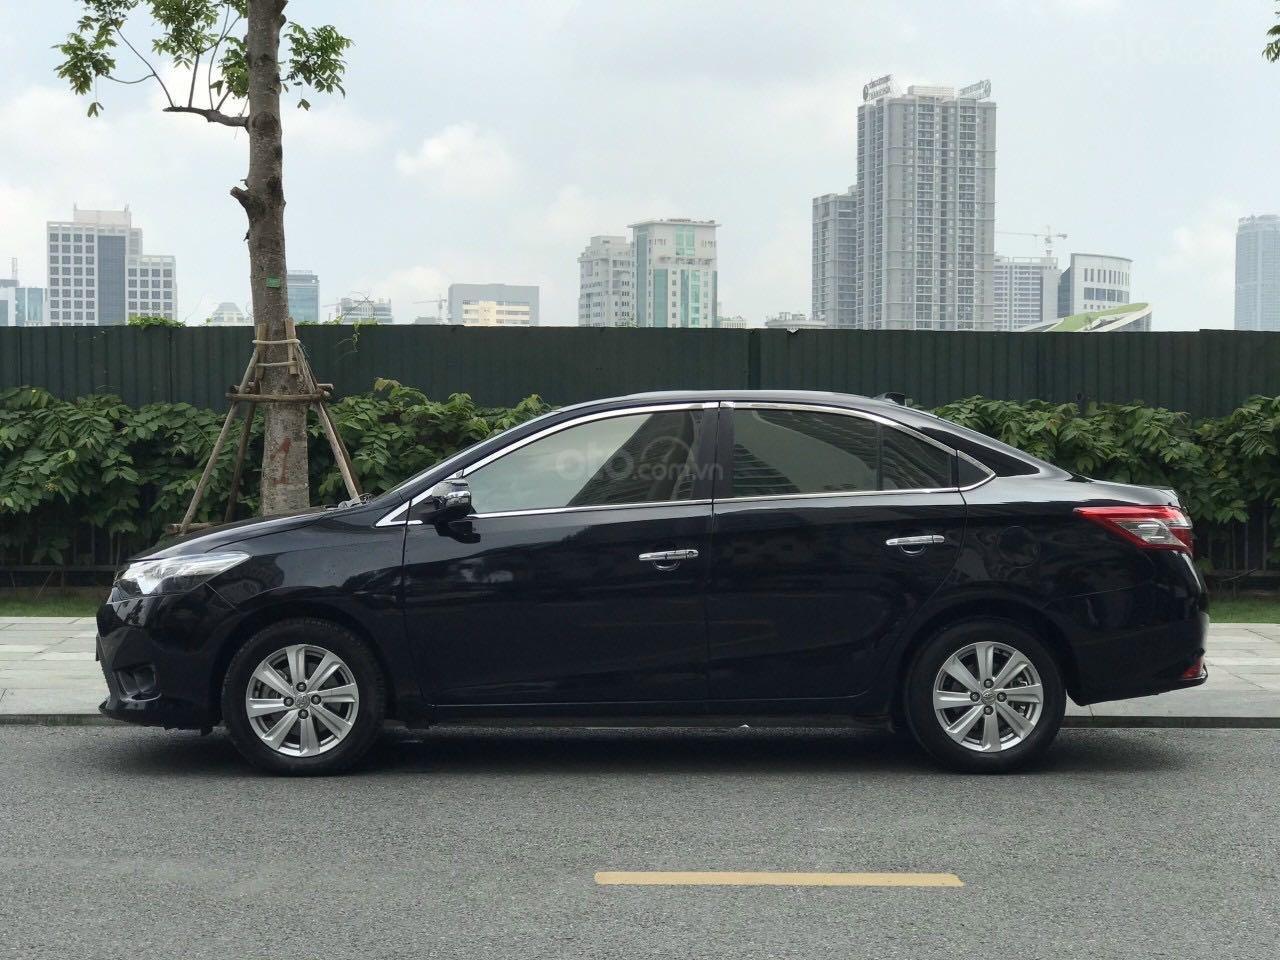 Bán ô tô Toyota Vios đăng ký 2016, màu đen còn mới, giá tốt 465 triệu đồng (2)